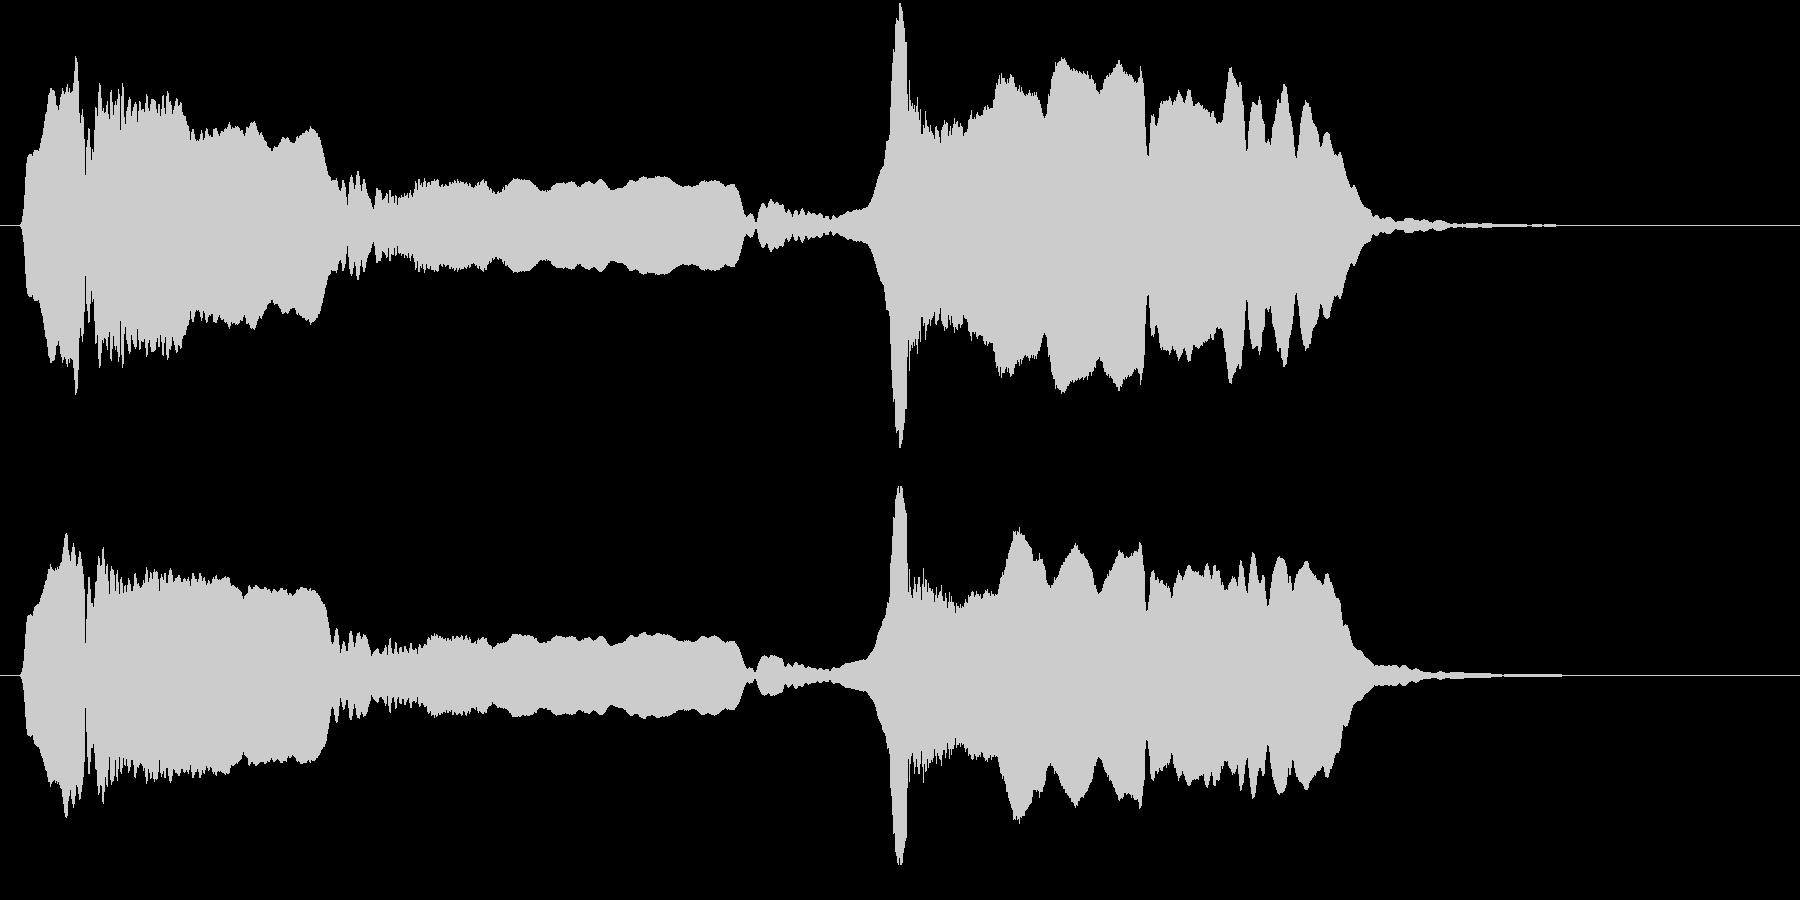 音侍SE「尺八フレーズ1」エニグマ音02の未再生の波形